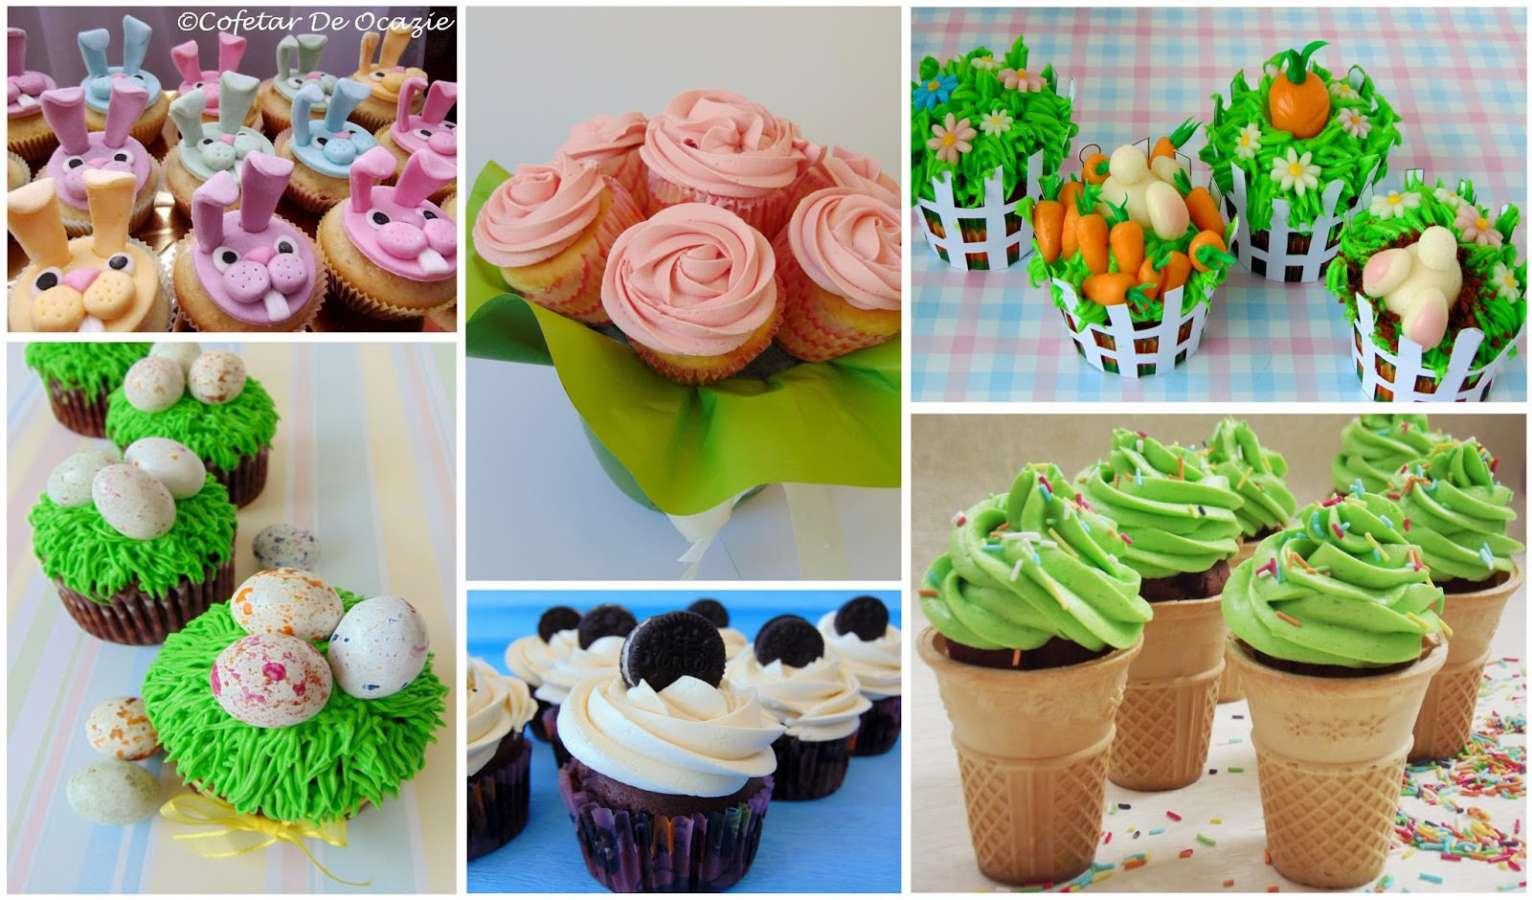 rp_Mozaic-Cupcakes.jpg